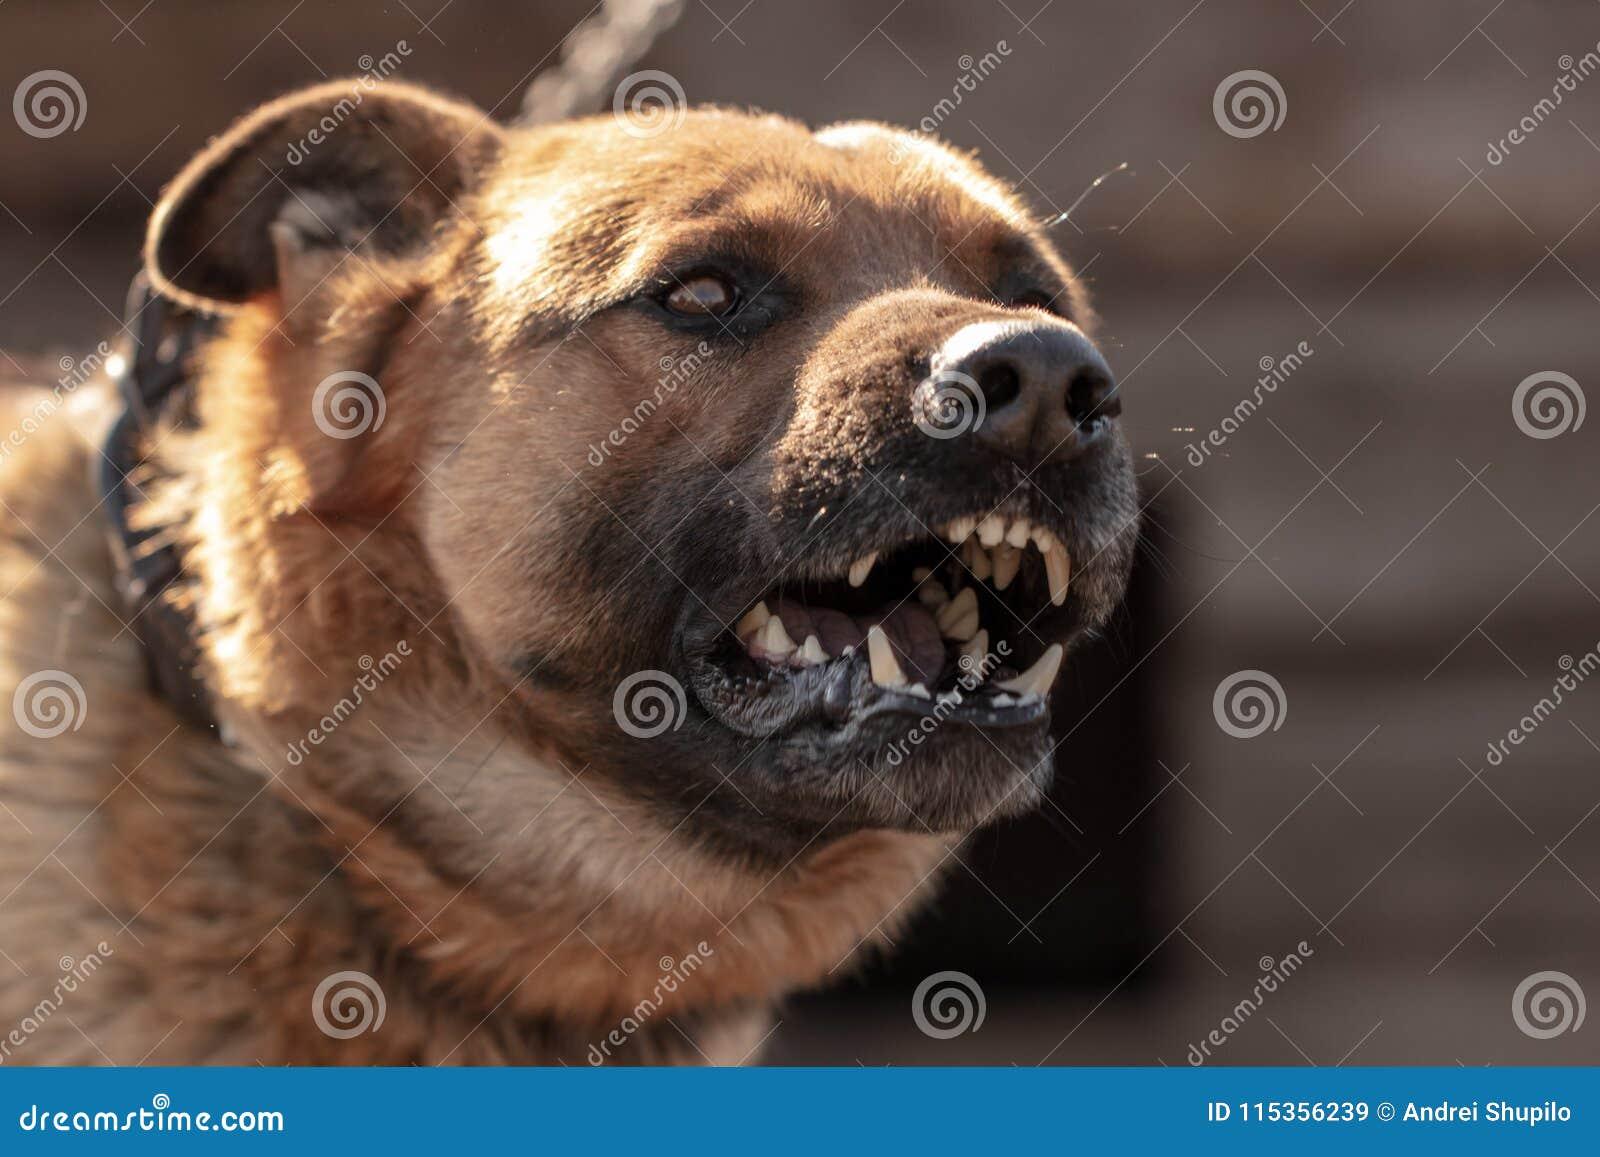 An angry dog barks near the house